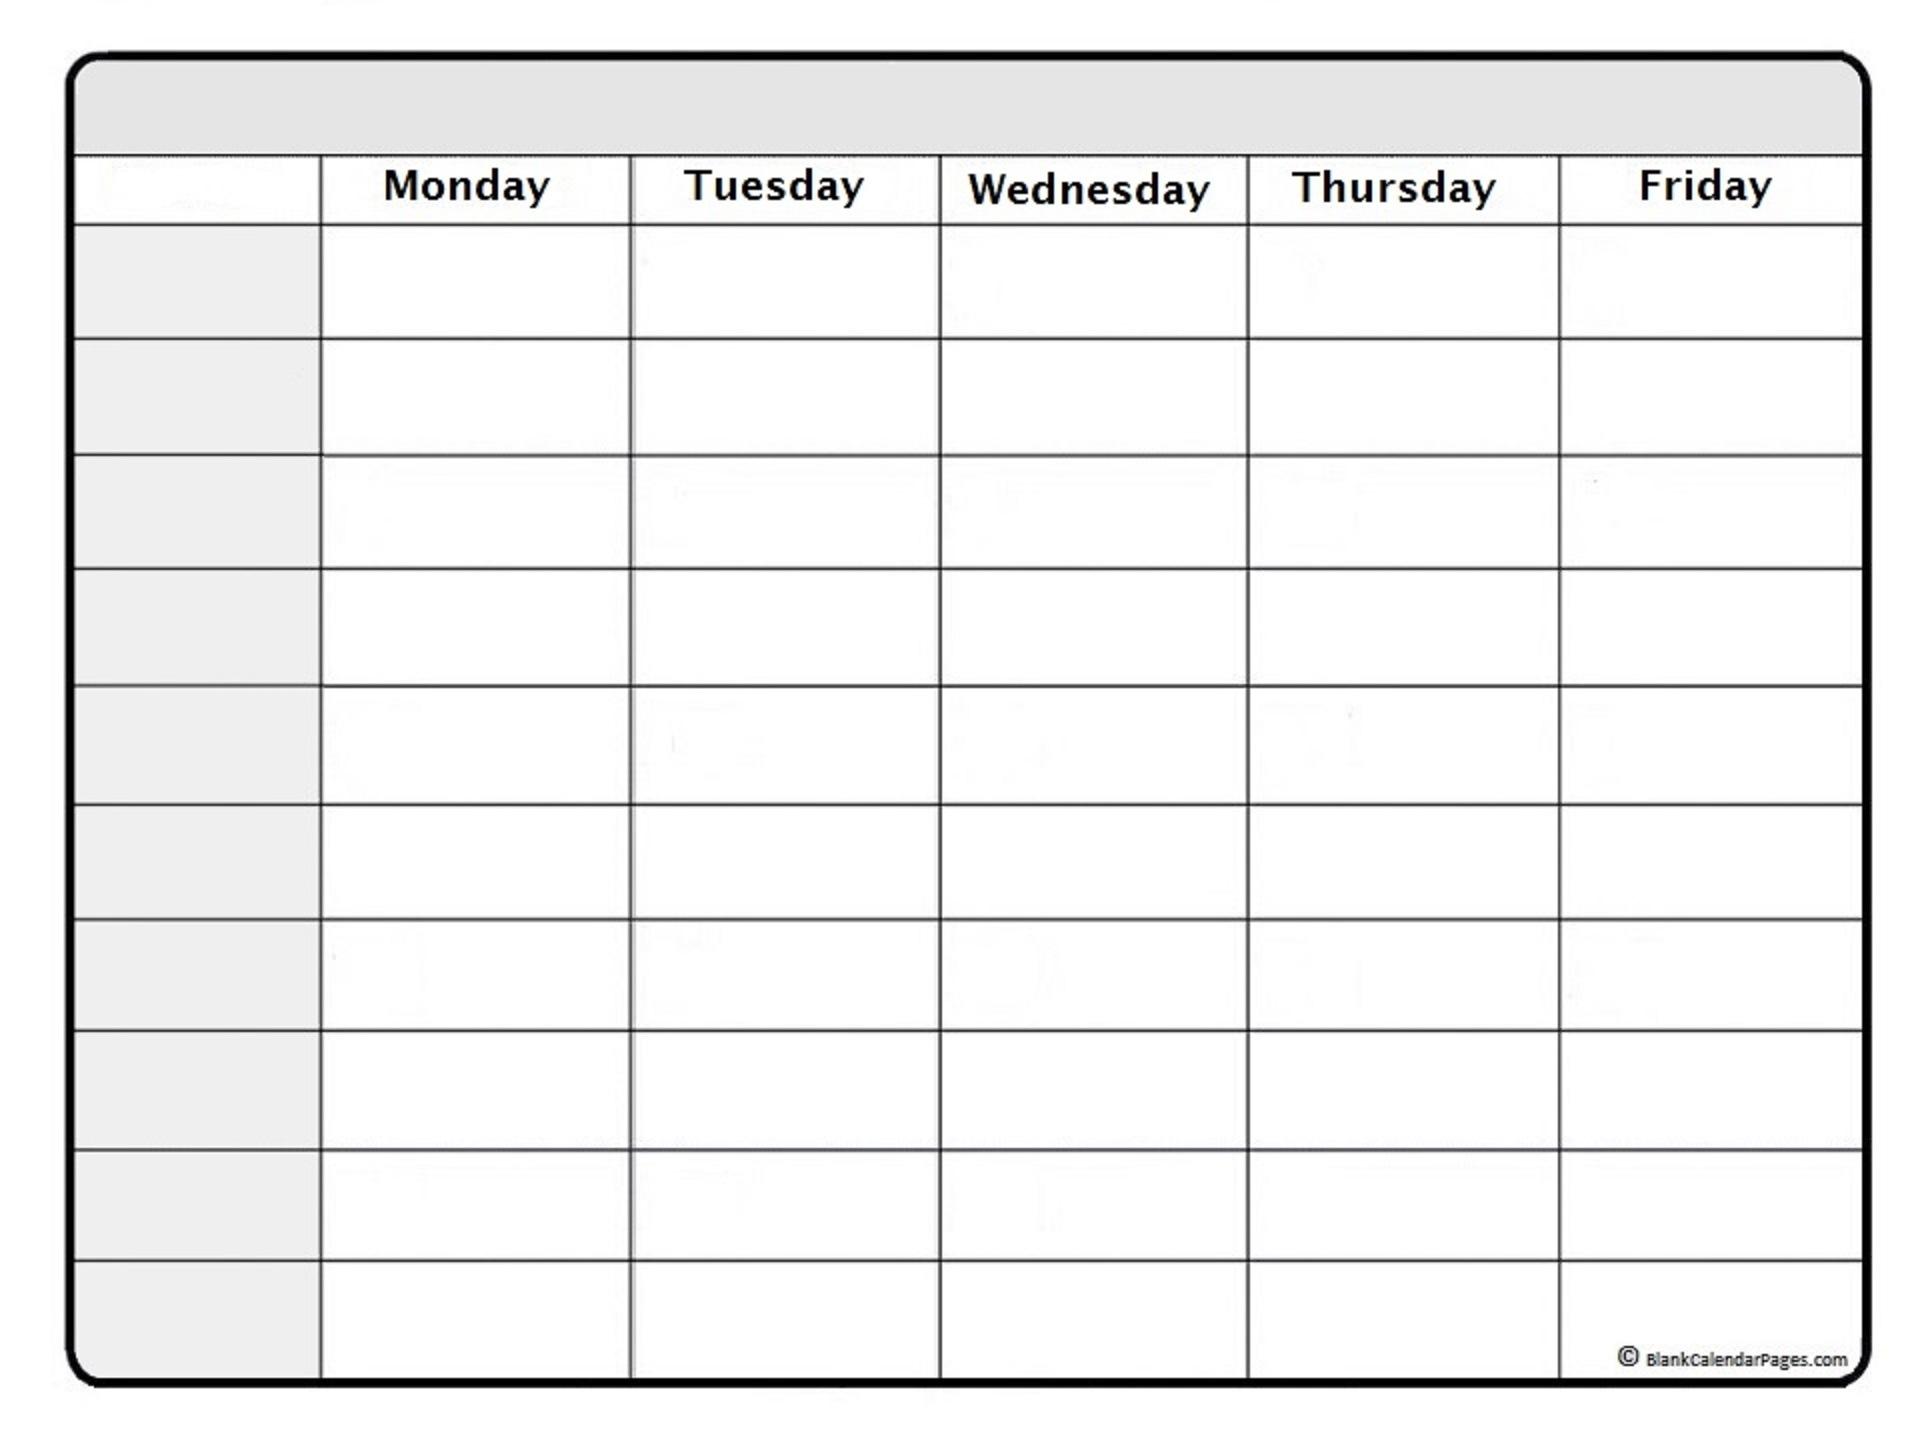 February 2021 Weekly Calendar   February 2021 Weekly Calendar Template One Week